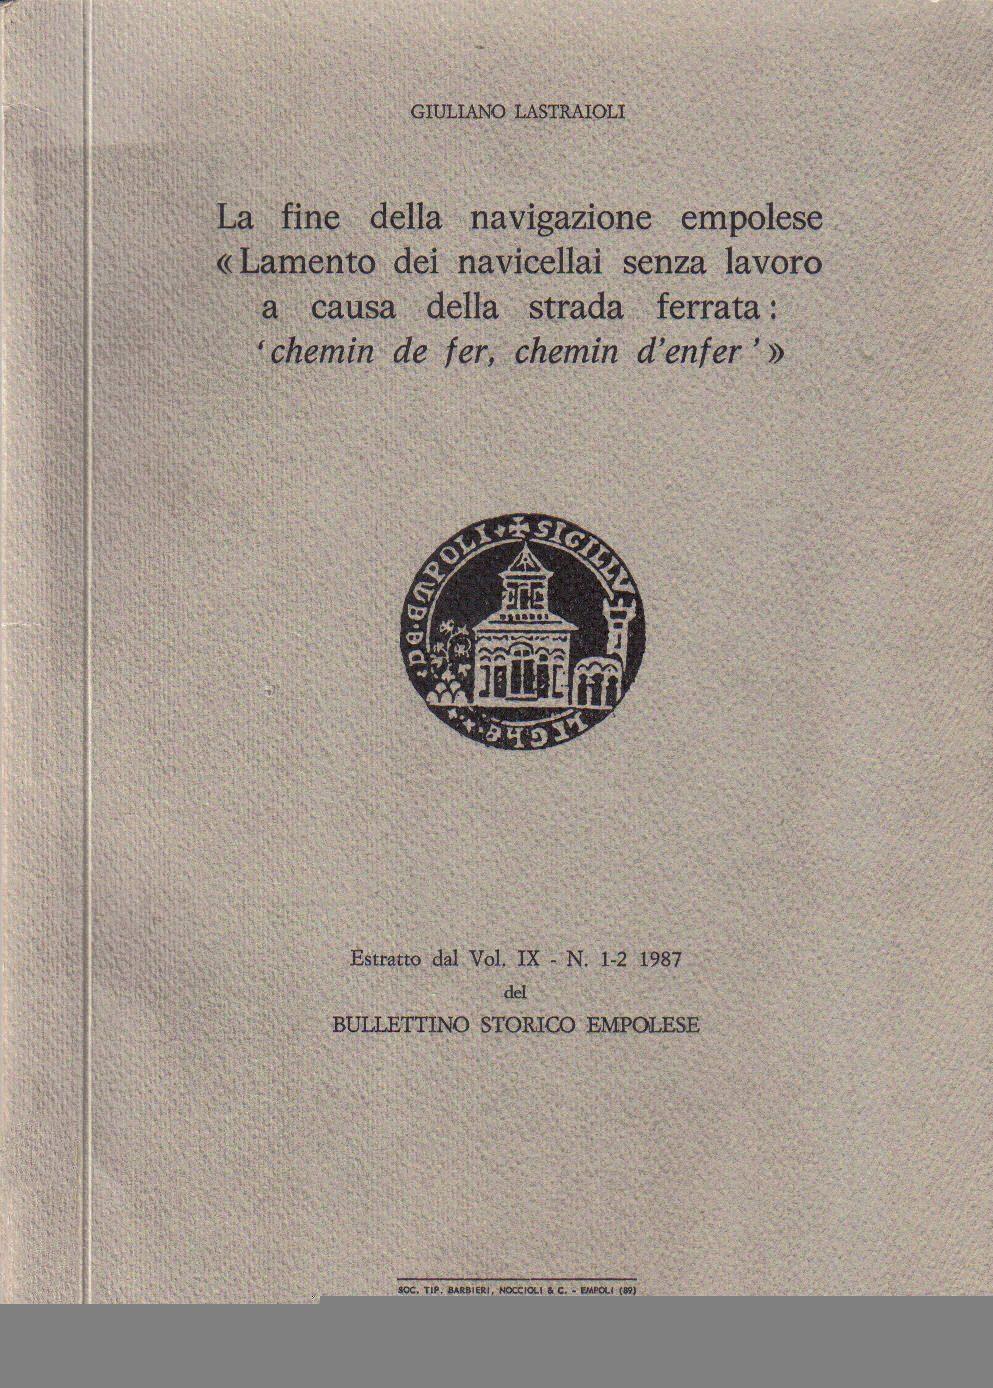 Giuliano Lastraioli: La Fine Della Navigazione Empolese